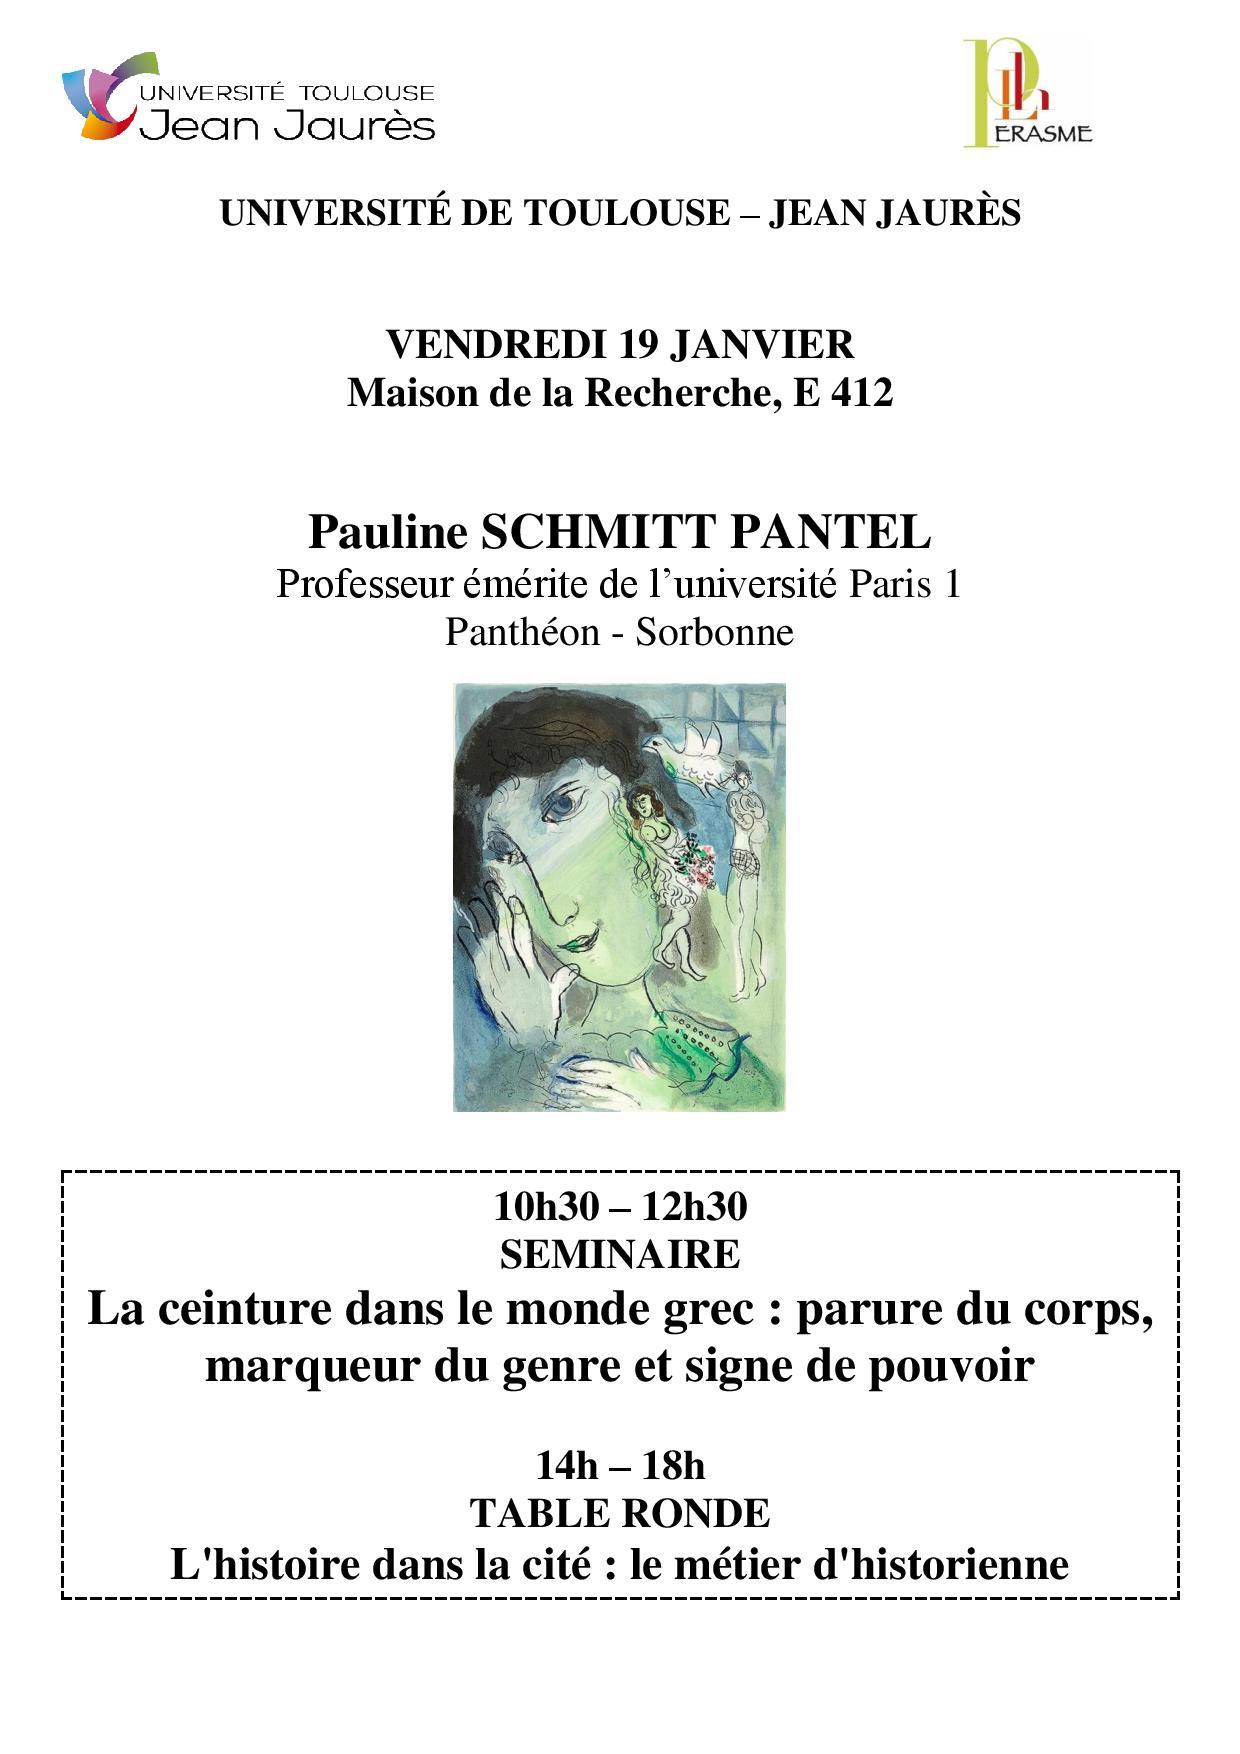 Affiche Pauline SCHMITT PANTEL-page-001.jpg